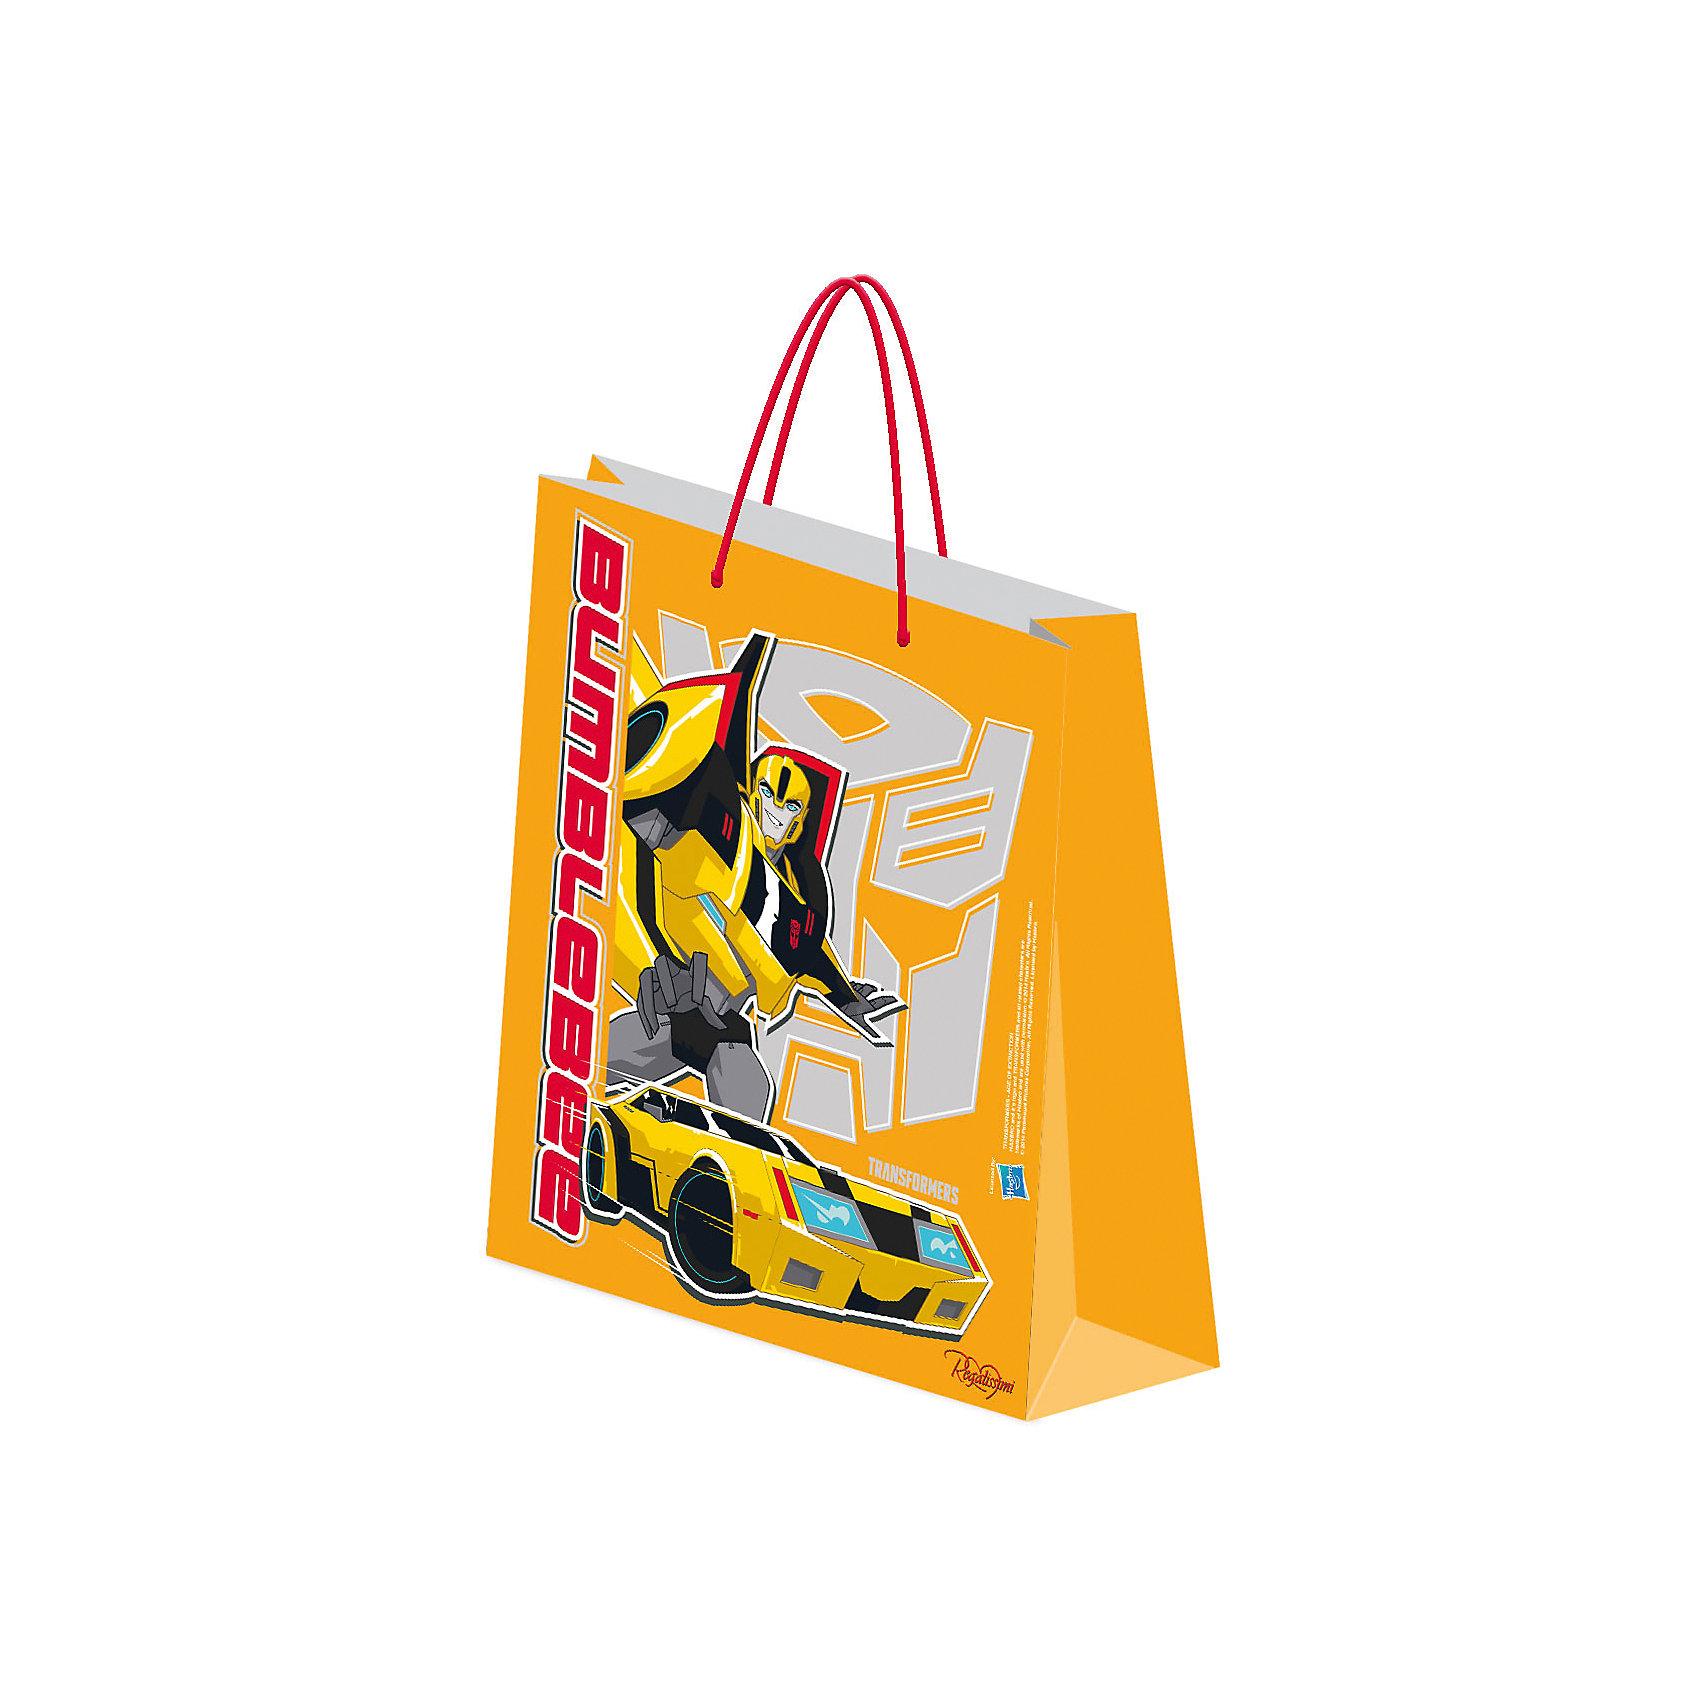 Пакет бумажный подарочный, ТрансформерыПакет подарочный.<br><br>Характеристики:<br><br>- Размер упаковки: 18х21х8,5 см.<br>- Вес: 34г.<br><br>Подарочный пакет станет замечательным аксессуаром для детского праздника или тематической вечеринки. С его помощью Вы сможете красиво оформить подарки, памятные сувениры или сюрпризы для конкурсов. Пакет выполнен из плотной бумаги с эффектом матовой ламинации и украшен изображением популярных персонажей фильма Трансформеры. <br><br>Пакет подарочный , можно купить в нашем интернет- магазине.<br><br>Ширина мм: 2<br>Глубина мм: 180<br>Высота мм: 210<br>Вес г: 34<br>Возраст от месяцев: 96<br>Возраст до месяцев: 108<br>Пол: Мужской<br>Возраст: Детский<br>SKU: 5218422